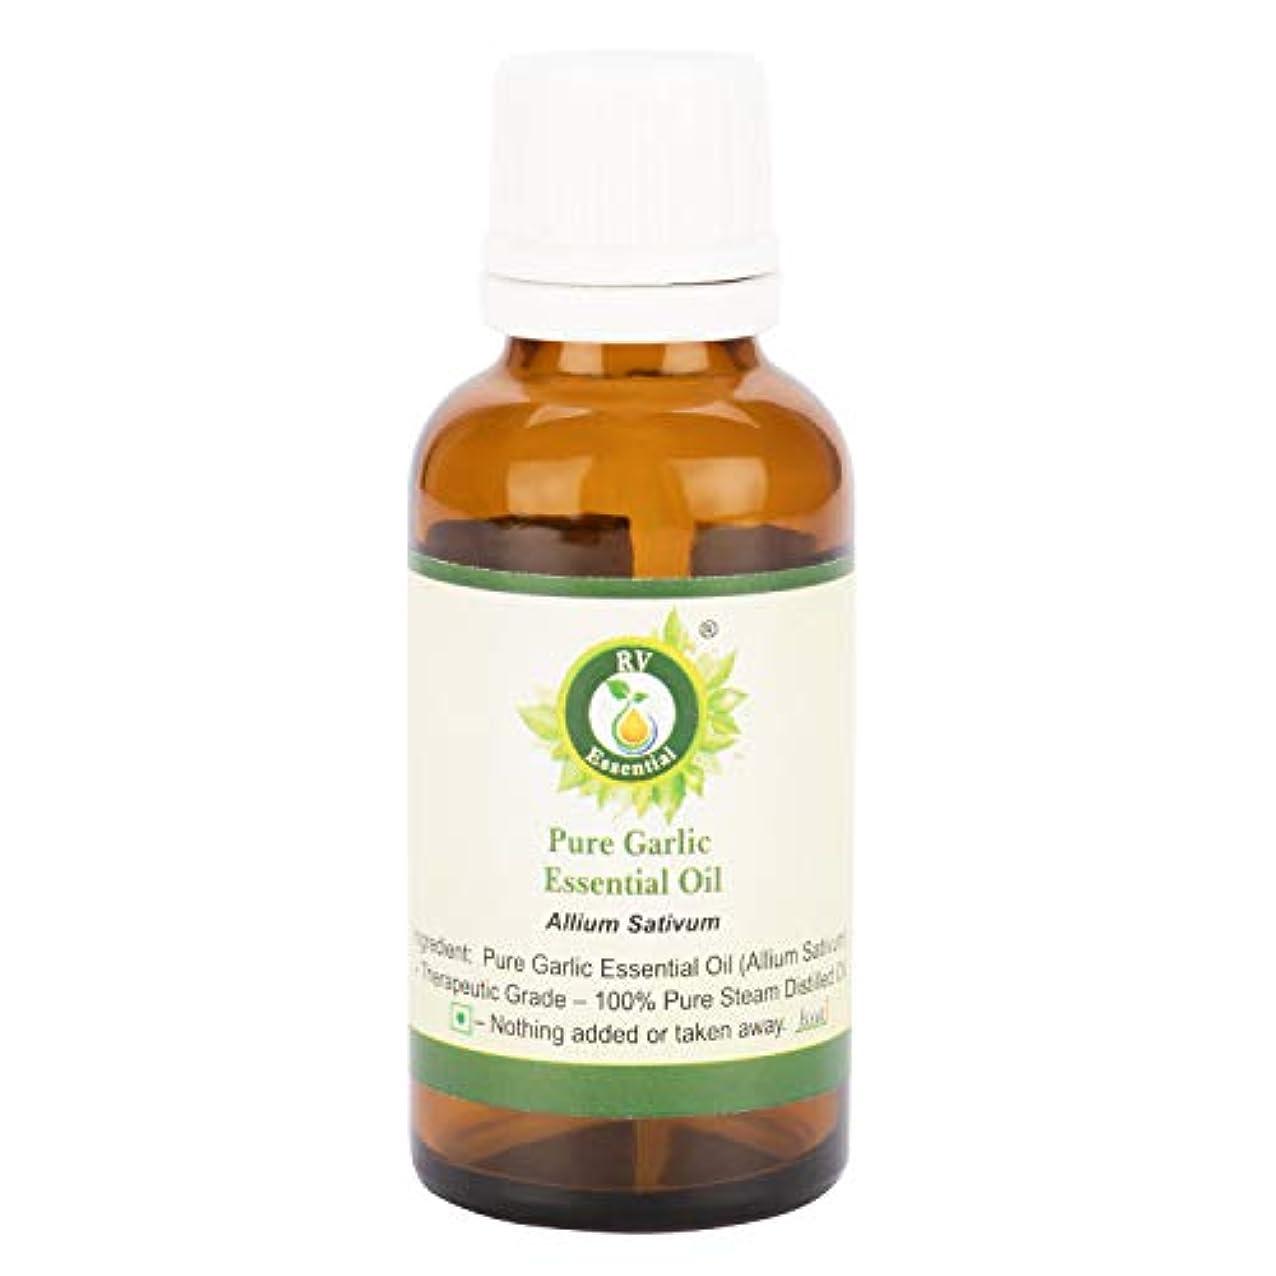 鉄道必要性道ピュアニンニクエッセンシャルオイル100ml (3.38oz)- Allium Sativum (100%純粋&天然スチームDistilled) Pure Garlic Essential Oil